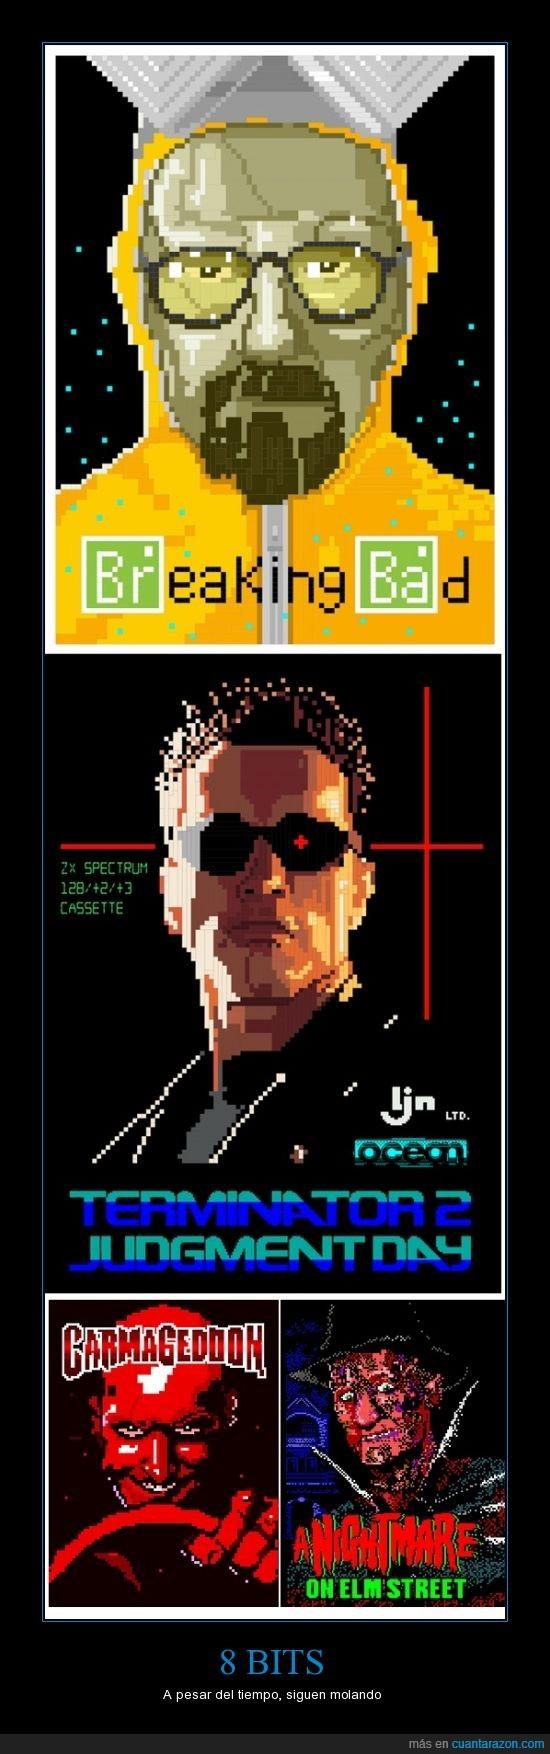 8 bits,breaking bad,freddy krueger,películas,personajes,series,televisión,terminator,versión